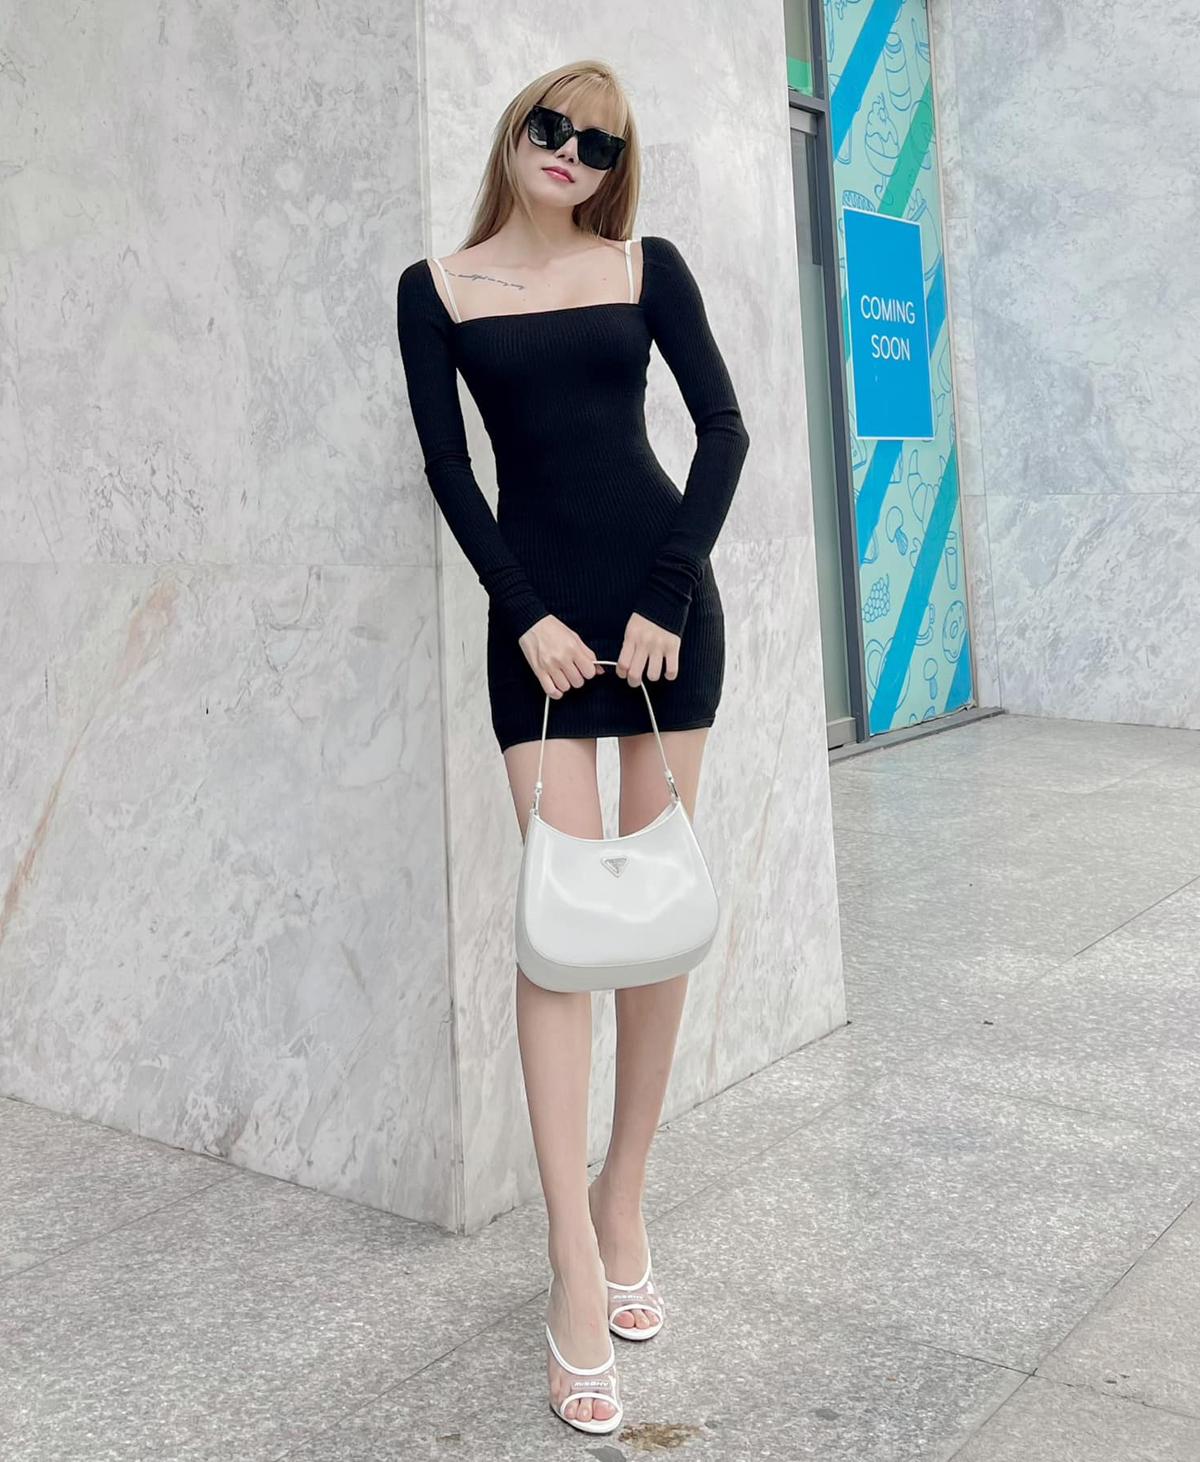 Diện chiếc váy đen ôm sát, Thiều Bảo Trâm khoe đường cong sexy cùng đôi chân nuột nà. Cách mix phụ kiện tông trắng giúp nữ ca sĩ hoàn thiện diện mạo chuẩn phong cách Y2K.